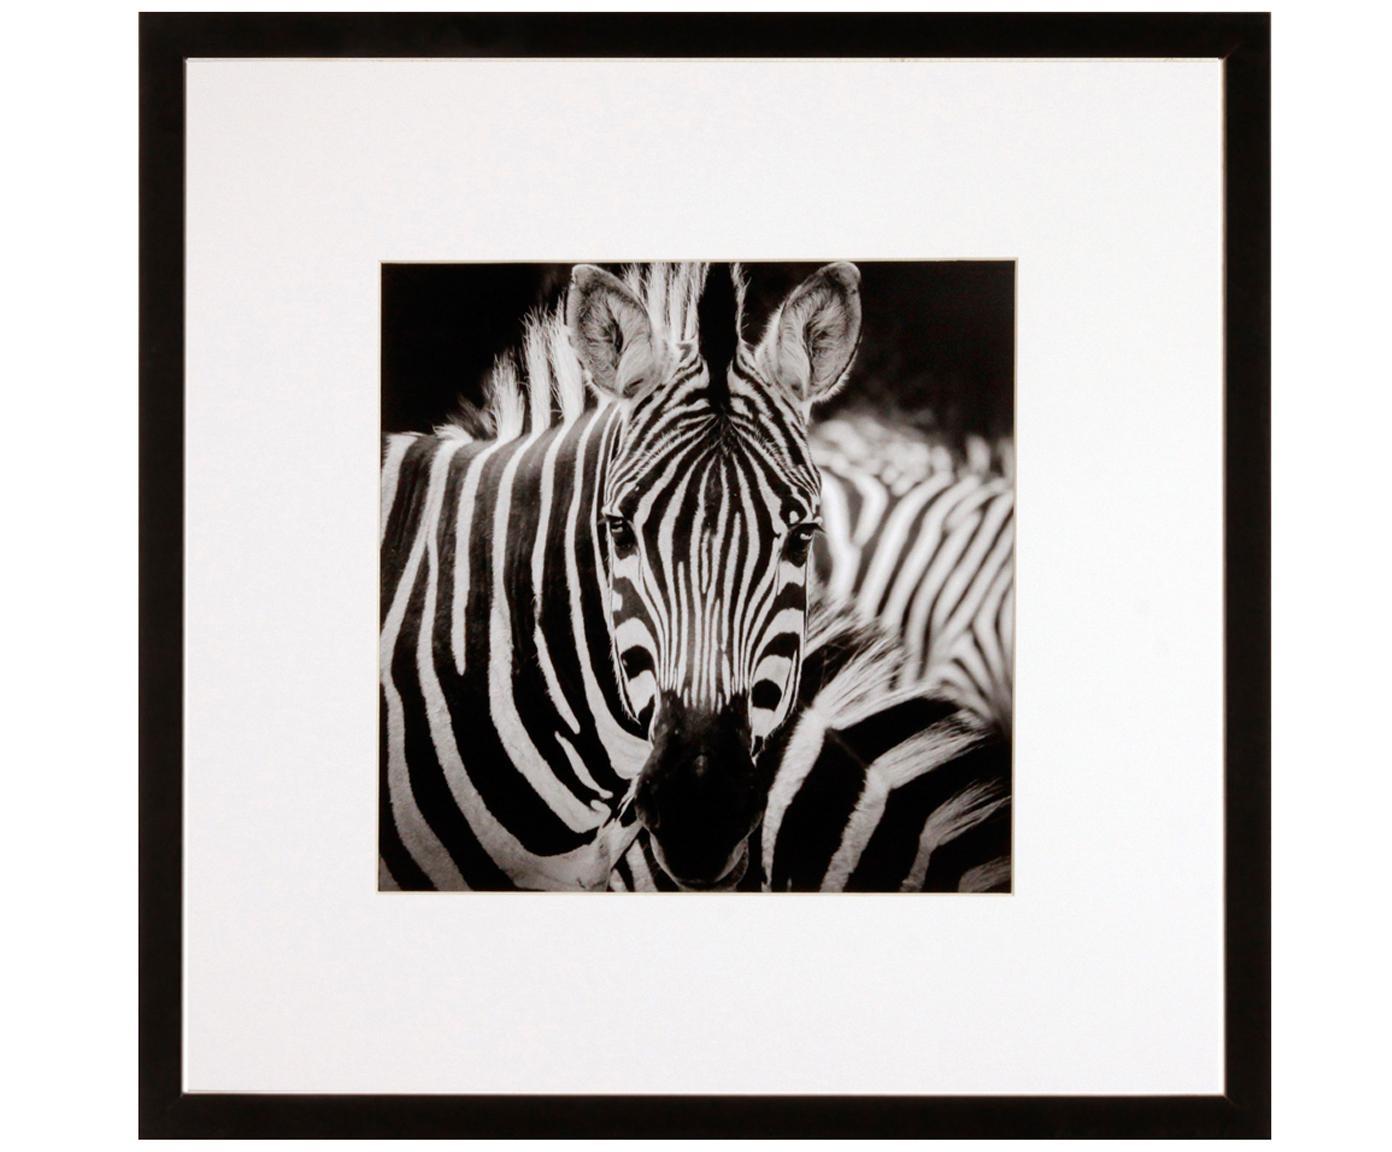 Ingelijste digitale print Zebra, Afbeelding: digitale print, Lijst: kunststof frame met glaze, Zwart, wit, 40 x 40 cm